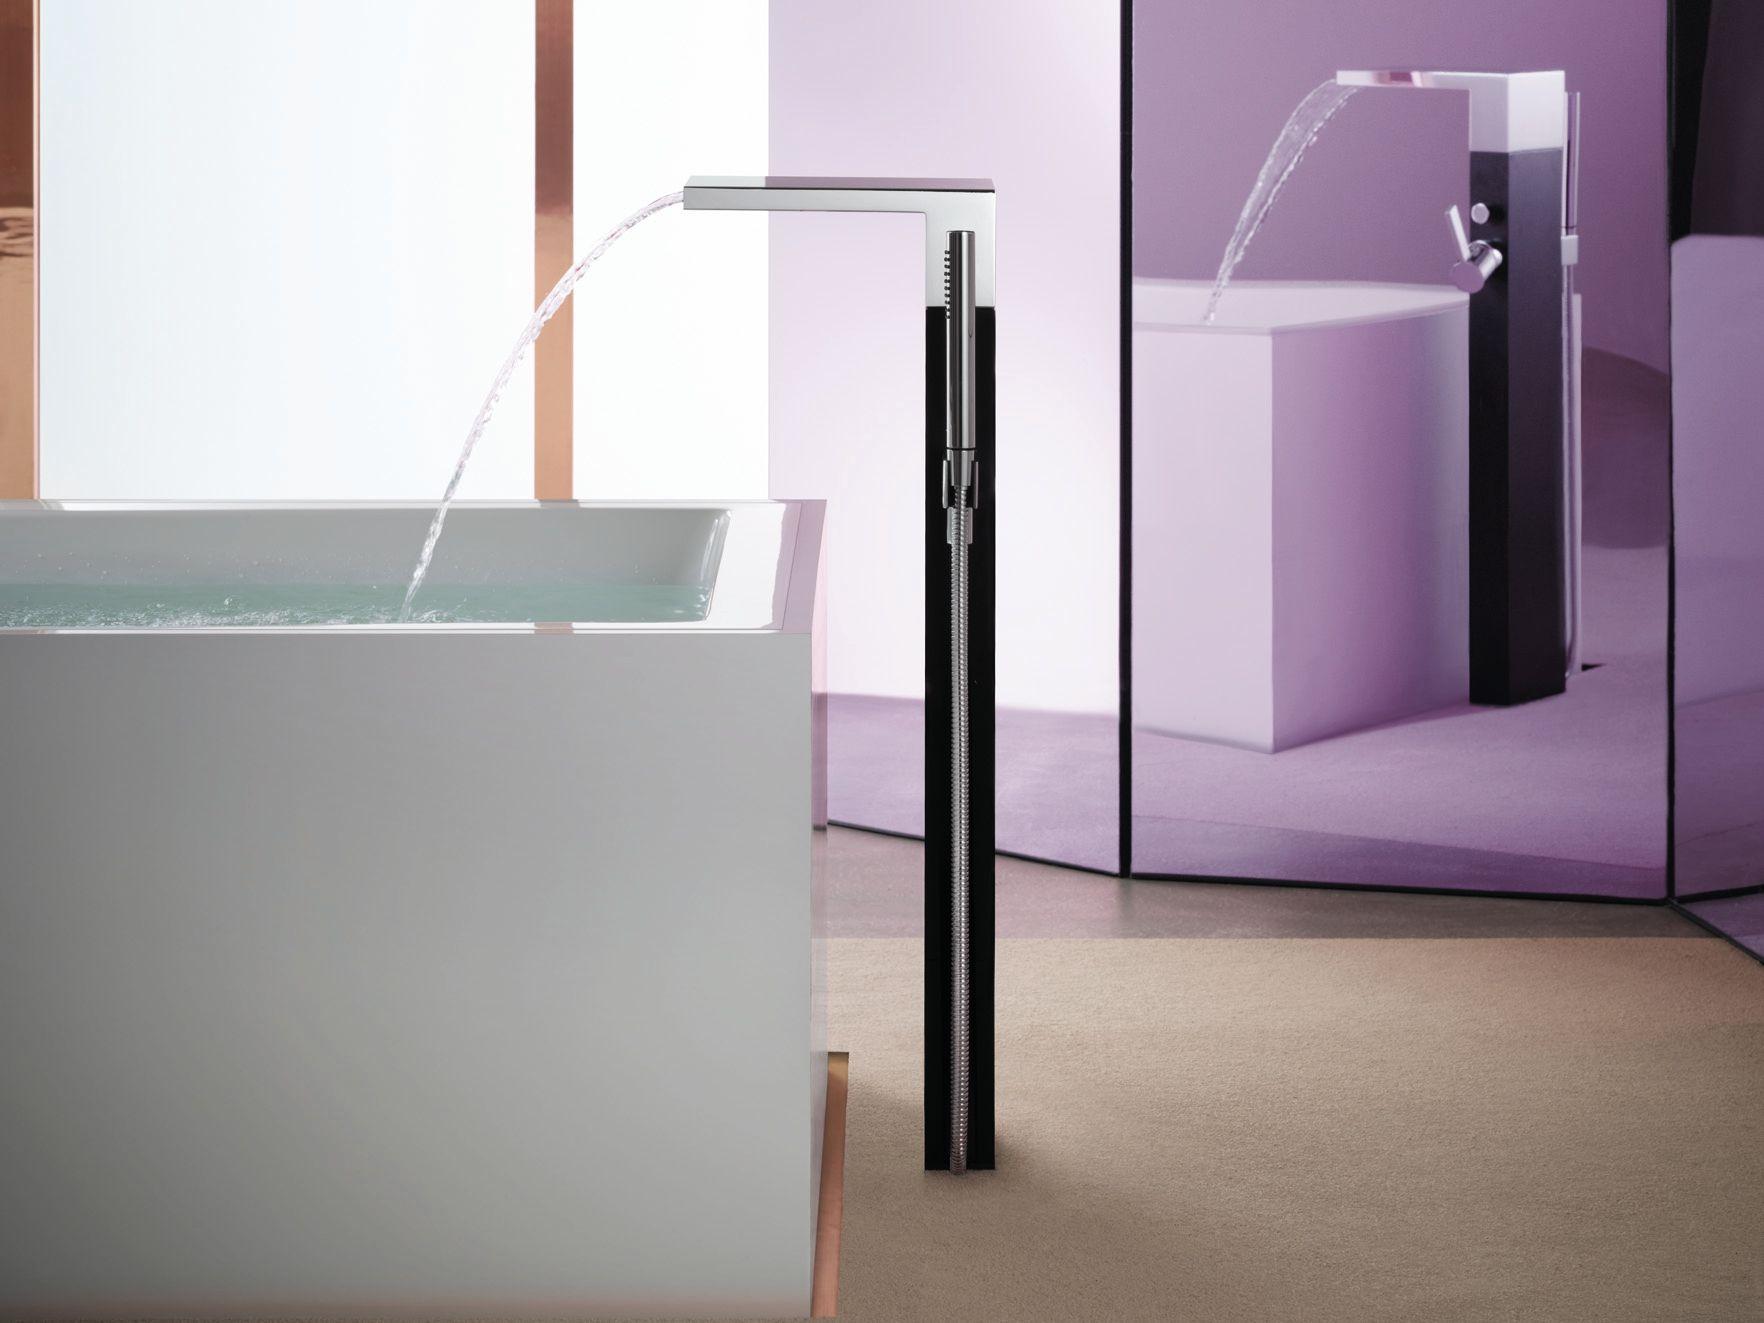 Mem rubinetto per vasca da terra by dornbracht design - Rubinetto vasca da bagno prezzi ...